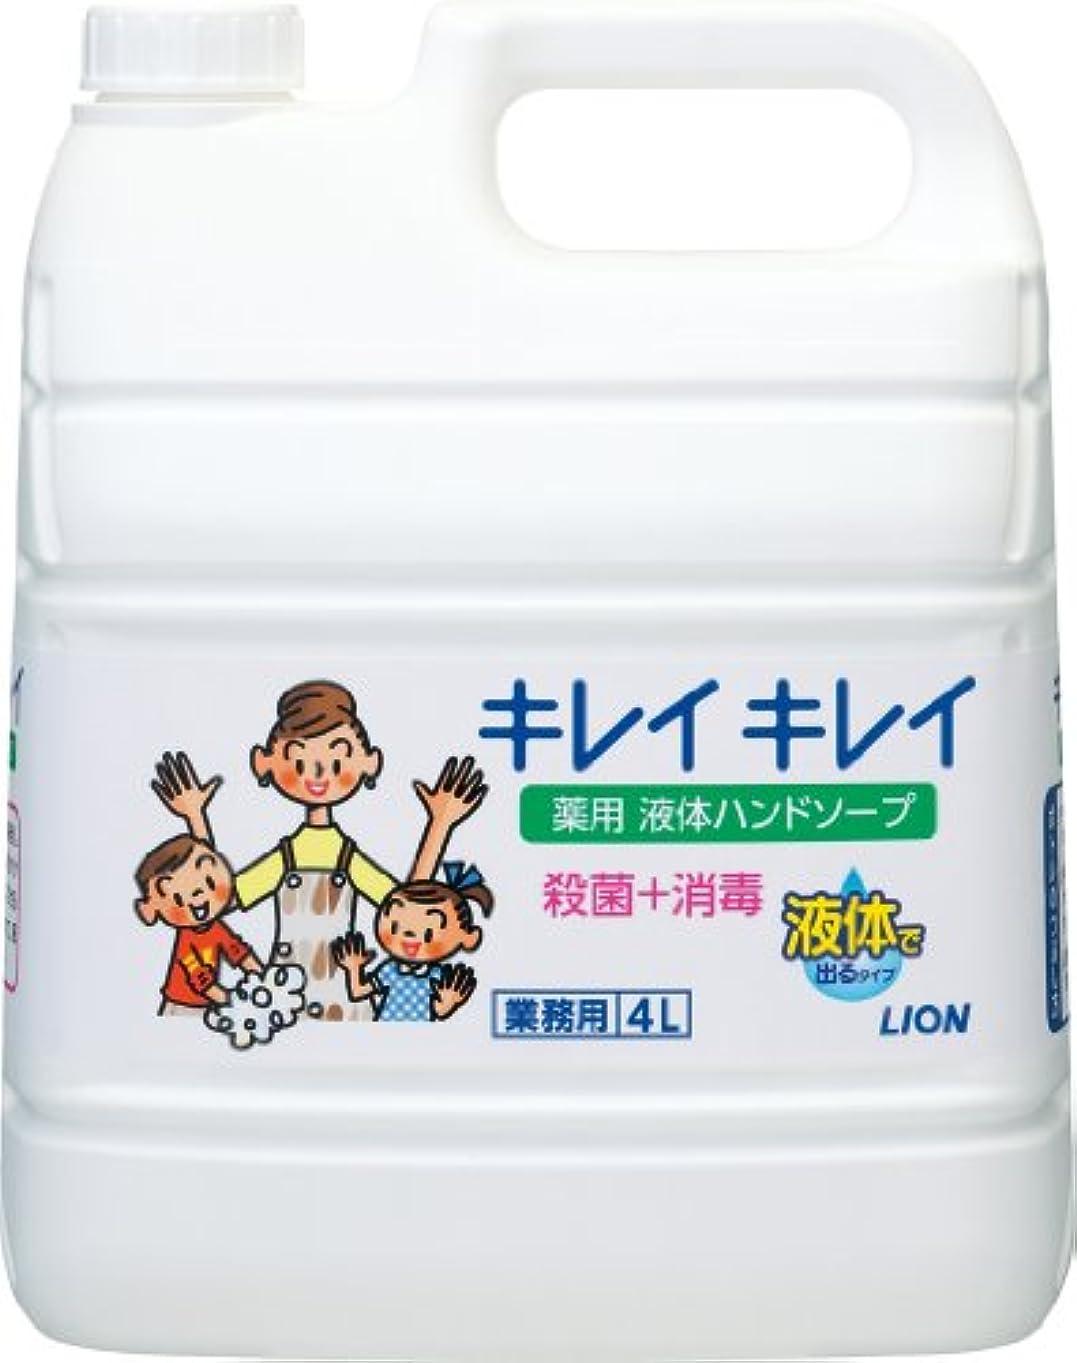 聖職者ウィザード好ましい【業務用 大容量】キレイキレイ 薬用 ハンドソープ  4L(医薬部外品)